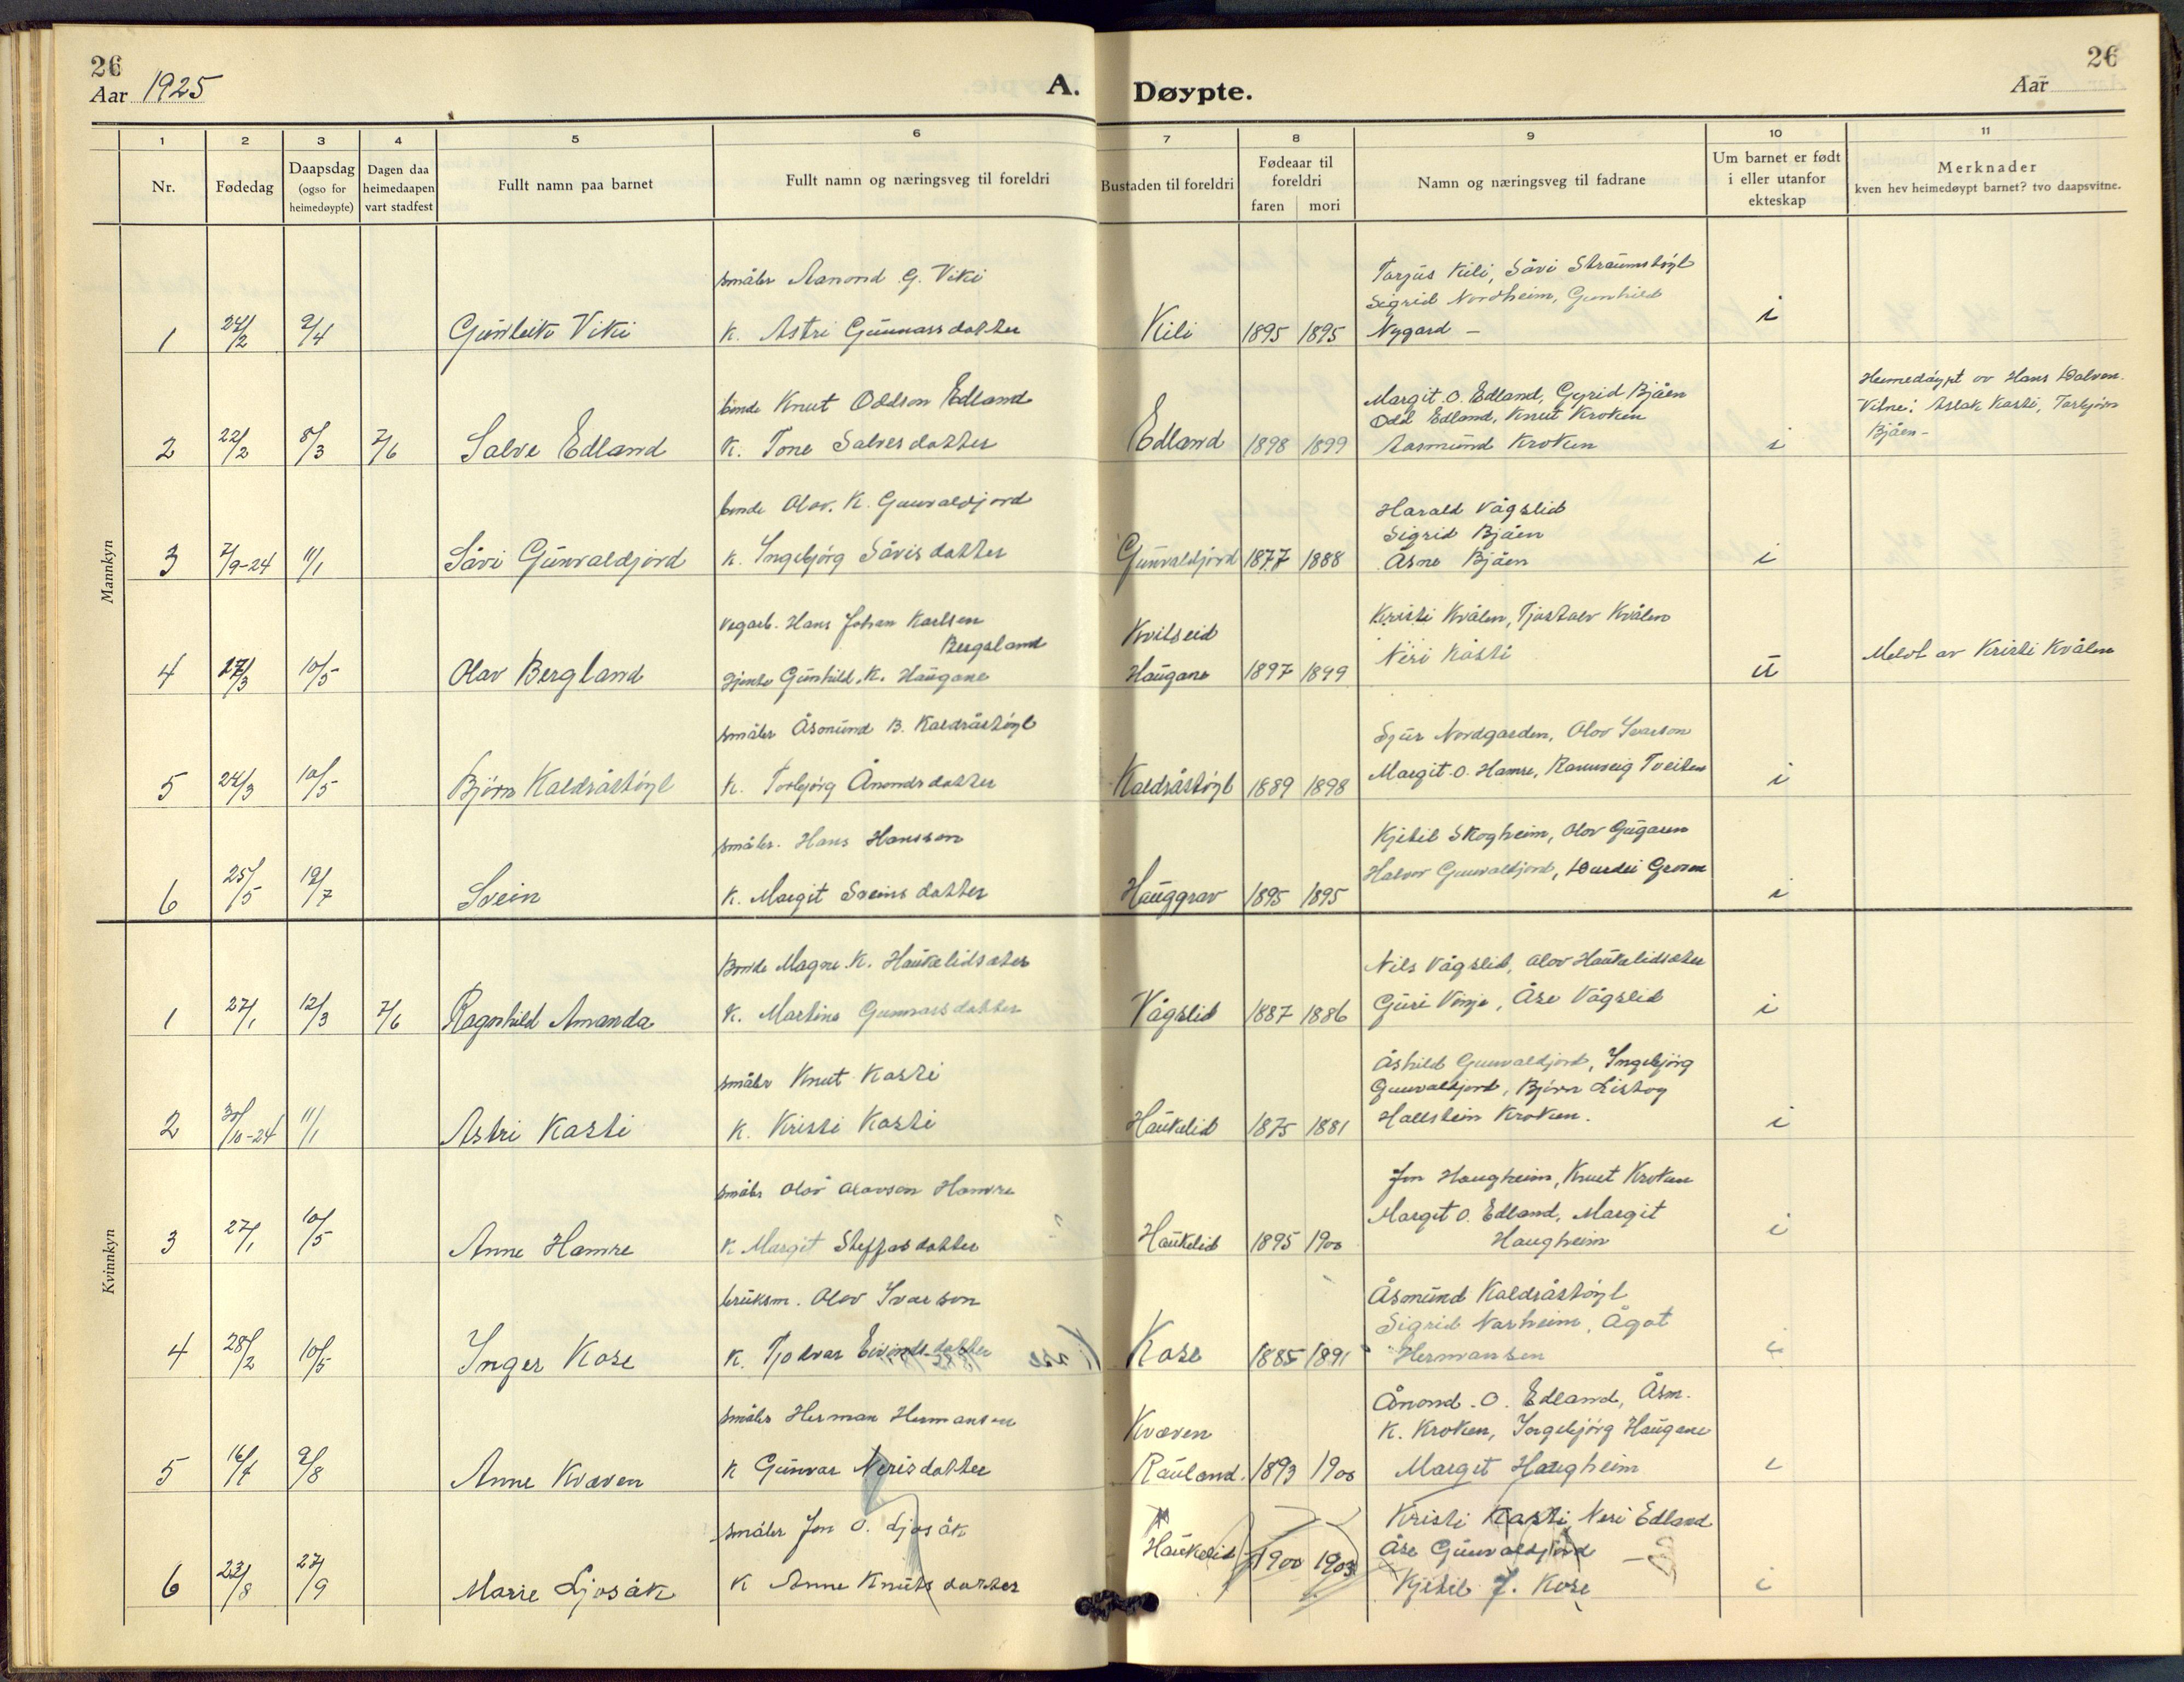 SAKO, Vinje kirkebøker, F/Fc/L0001: Ministerialbok nr. III 1, 1921-1943, s. 26